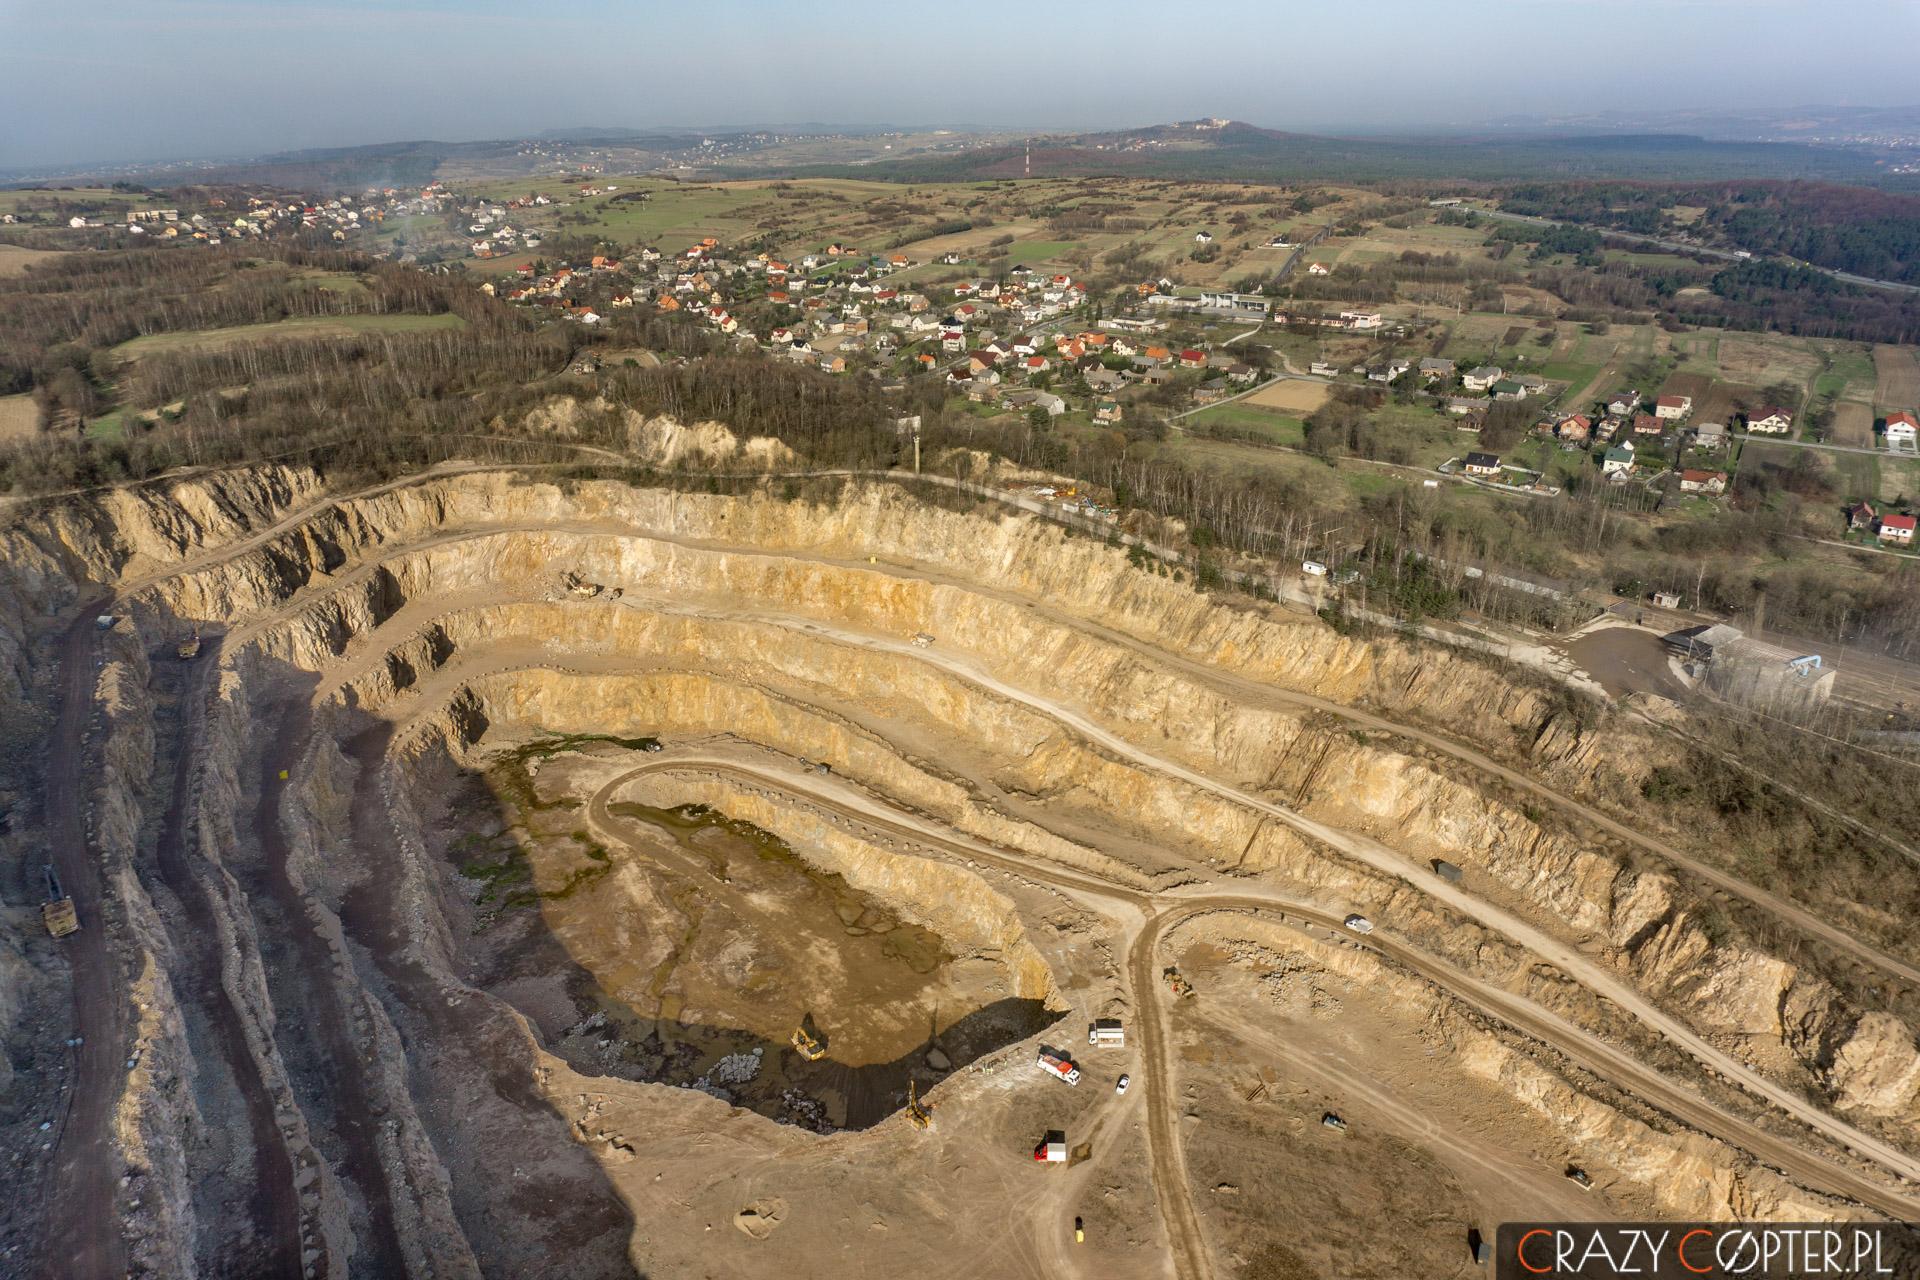 Zdjęcia przemysłowe - poglądowe zdjęcie z drona kopalni odkrywkowej